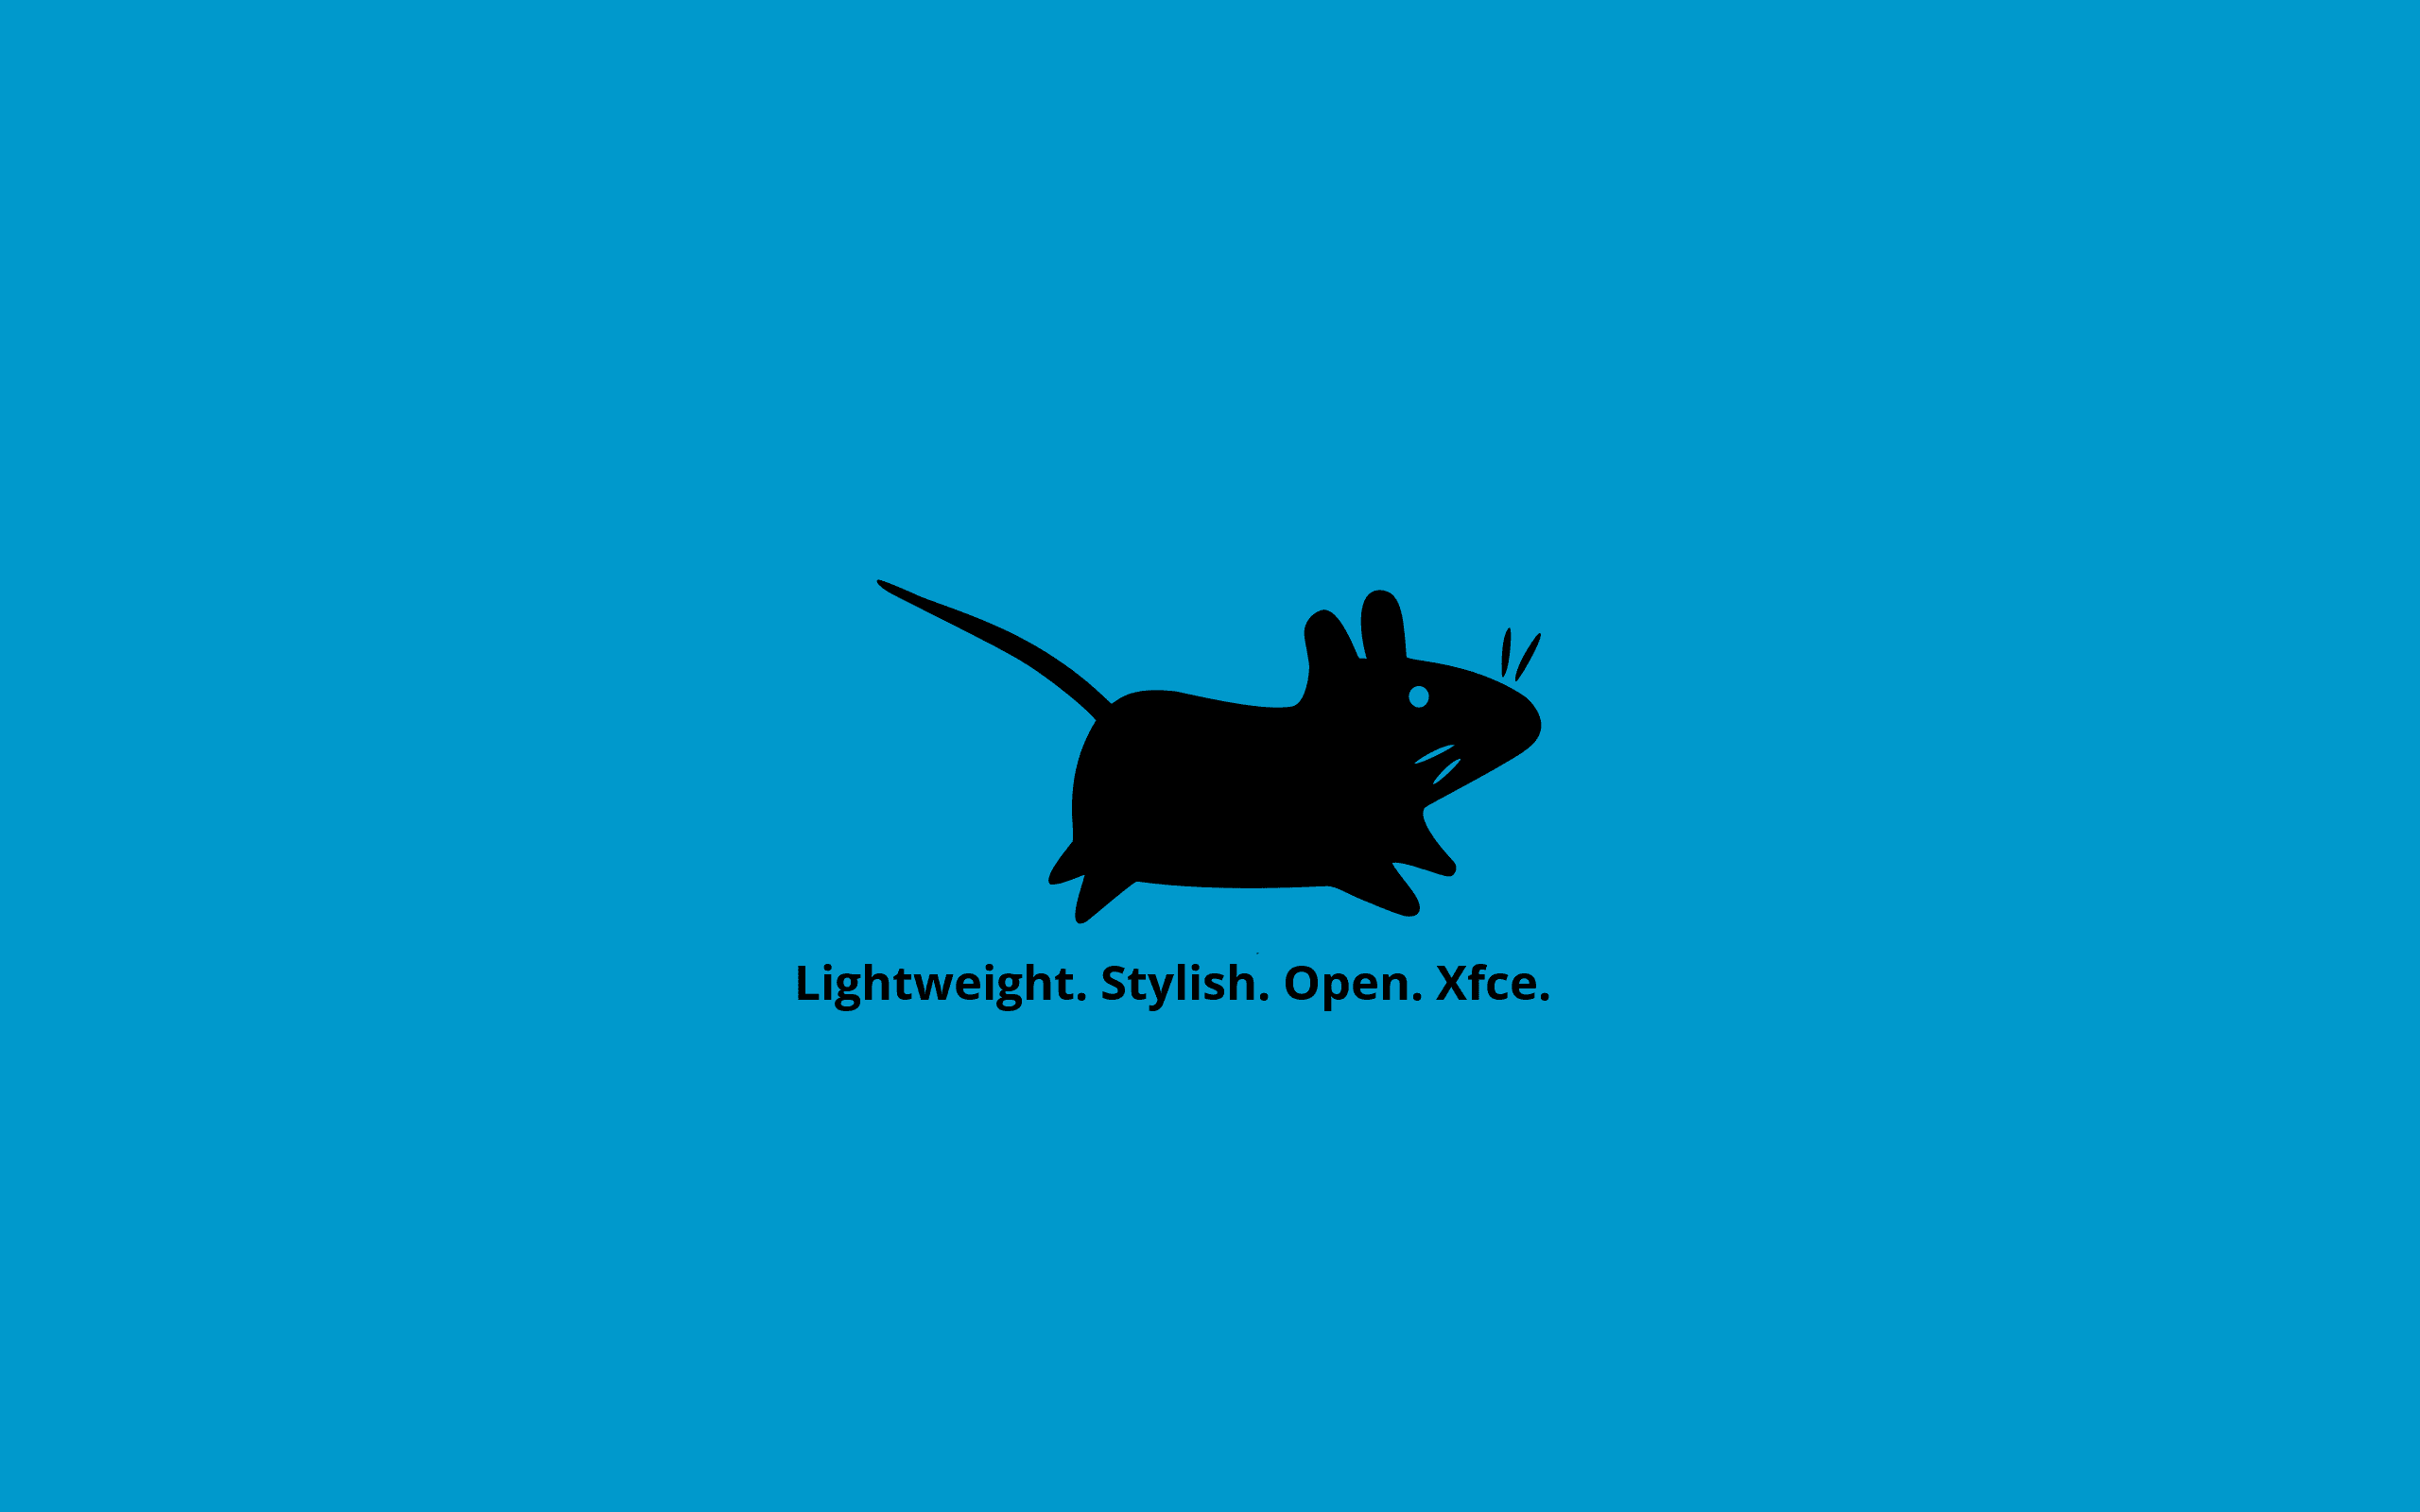 Xfce للجدران الأزرق